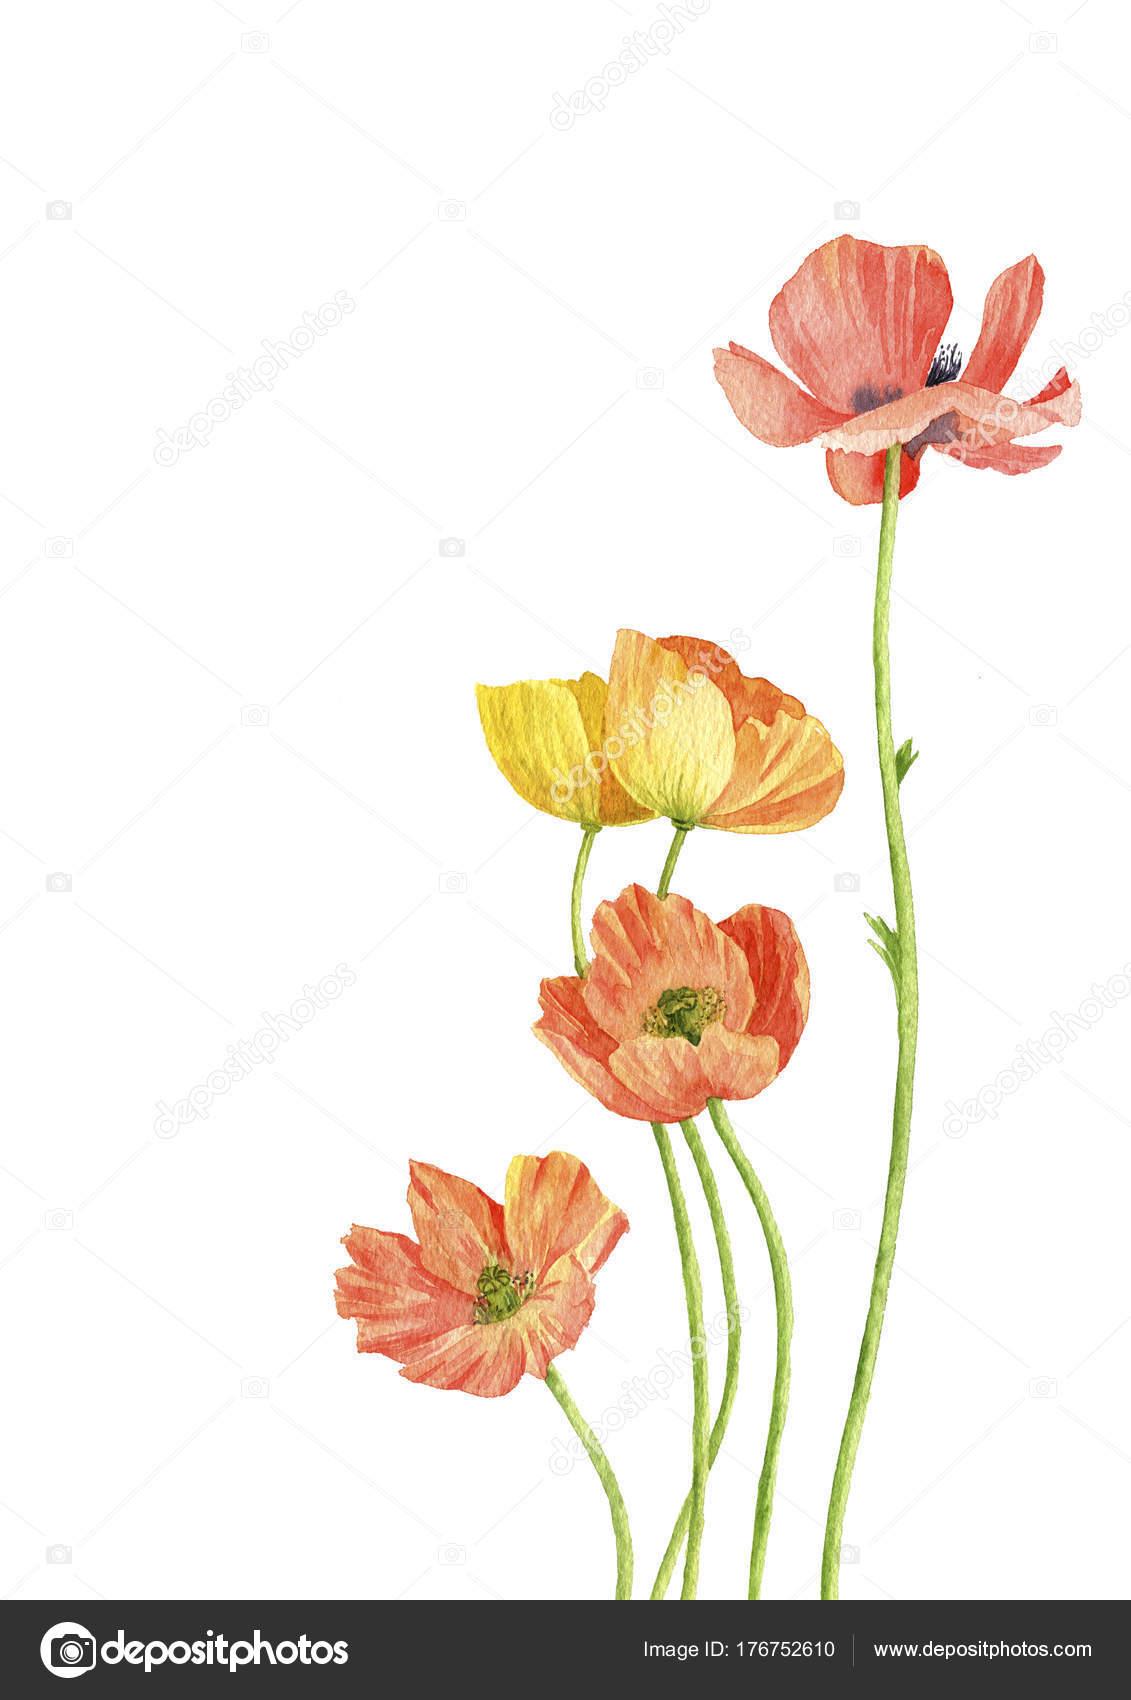 Aquarell Mohn Blumen Zeichnen Stockfoto C Cat Arch Angel 176752610